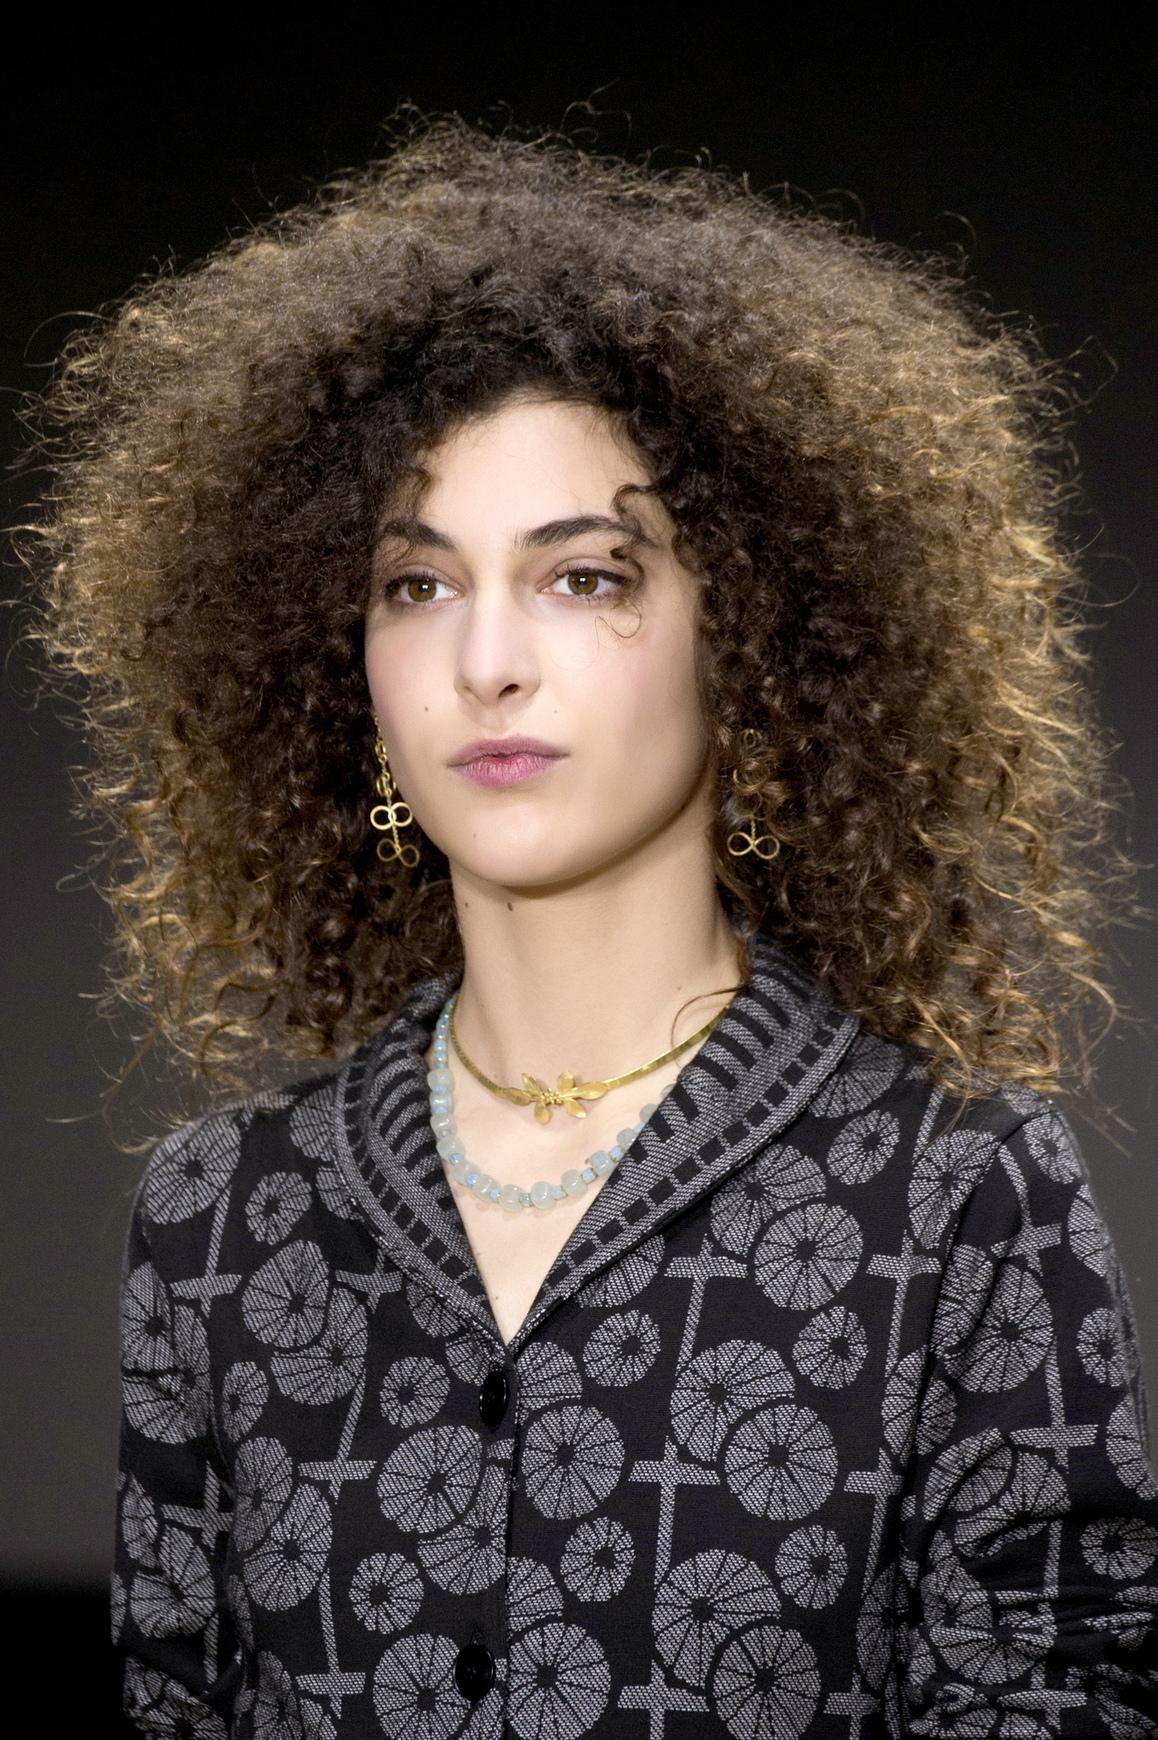 Capelli 2018: 32 tagli per capelli ricci per l'estate